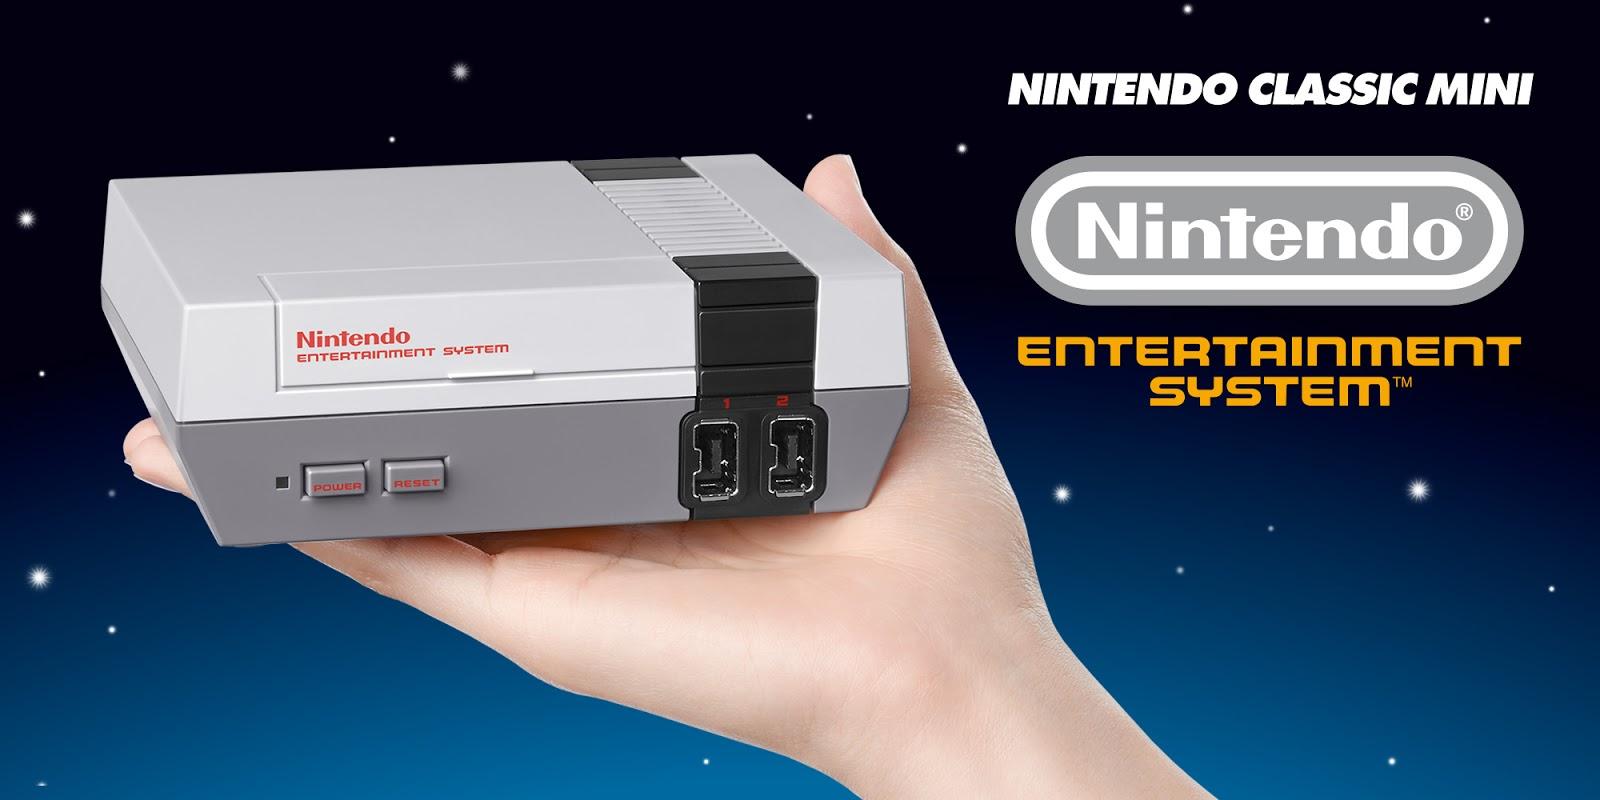 NES Mini cesa su producción, ¿a quién beneficia?, di no a la especulación